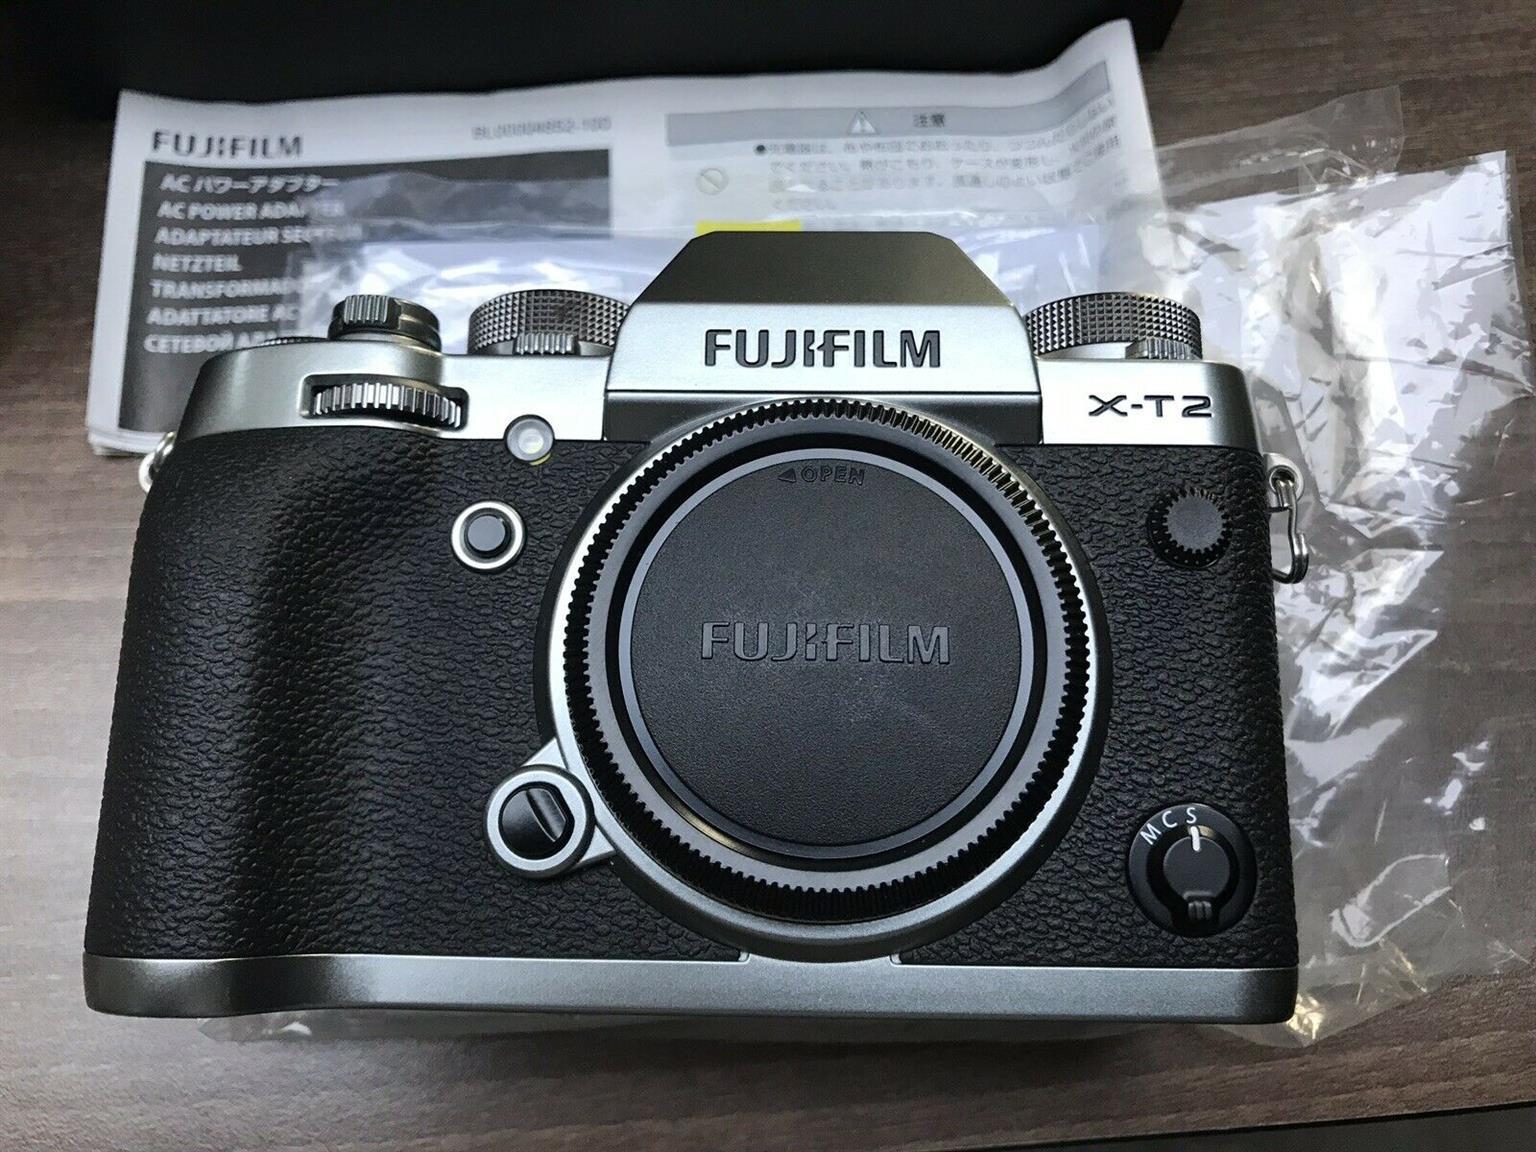 Fujifilm XT2 Body only x series